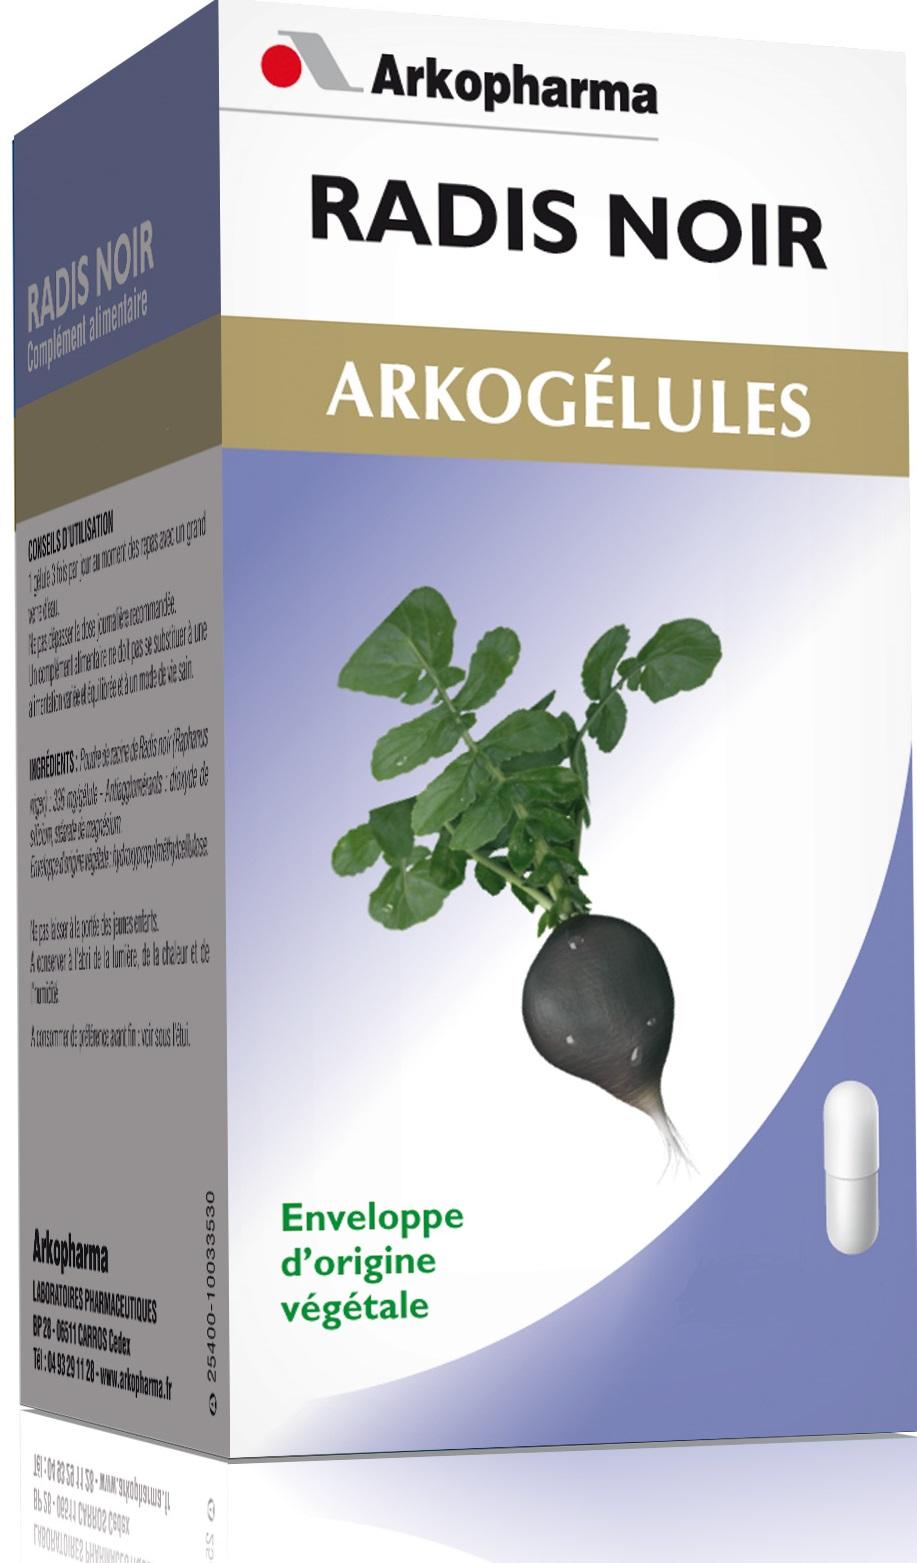 Arkogelules radis noir carabiens le forum - Cuisiner un radis noir ...